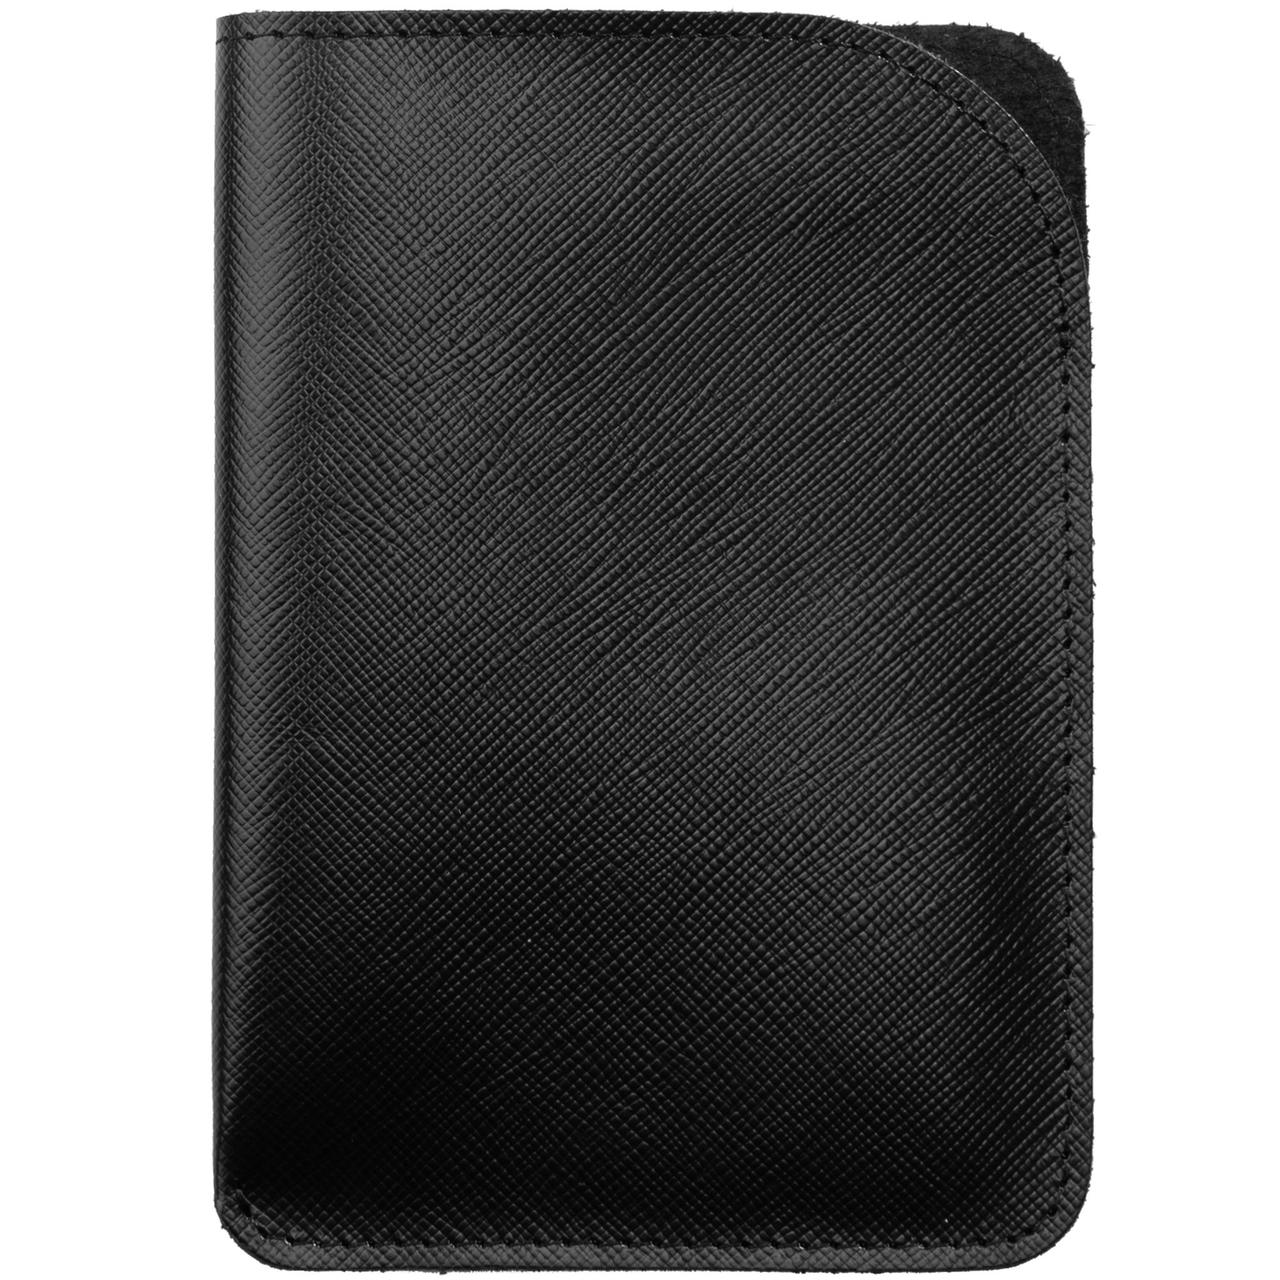 Чехол для паспорта Linen, черный (артикул 11516.30)